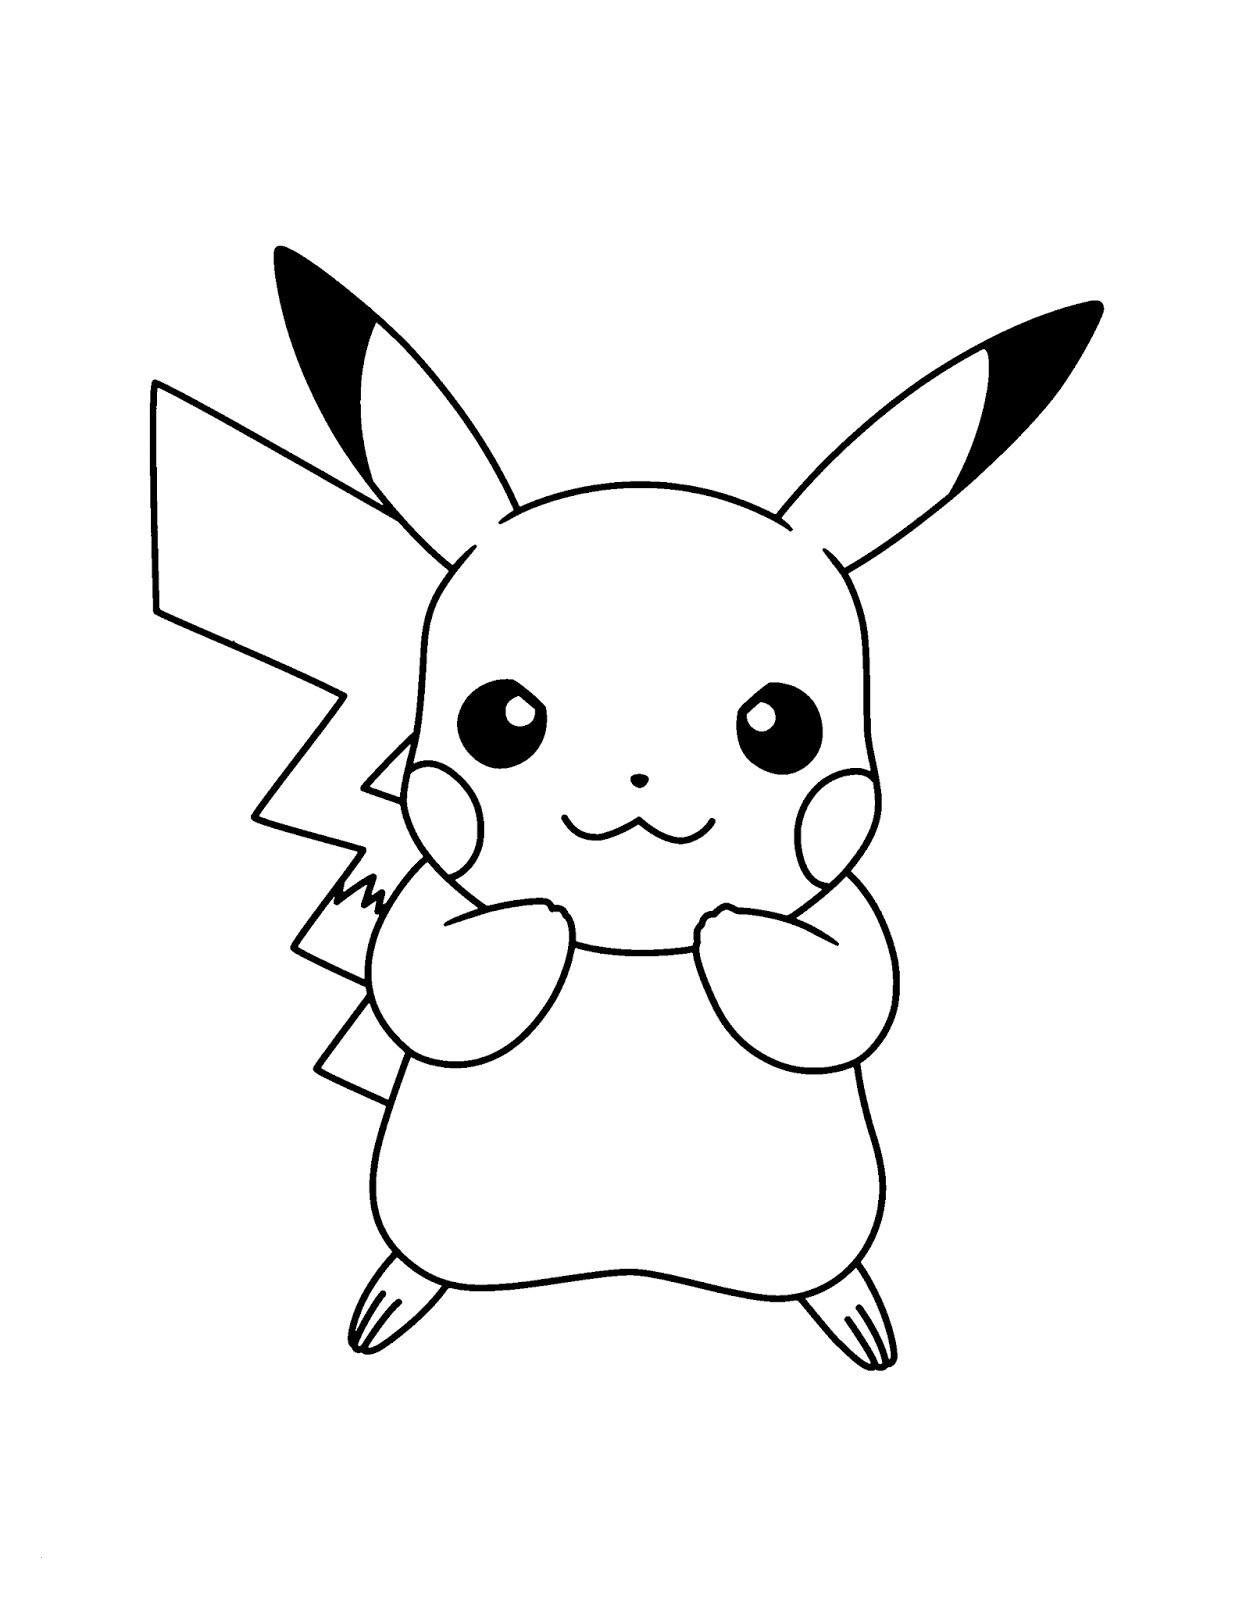 Ausmalbilder Ostern Hase Einzigartig Malvorlagen Ostern Kostenlos Ausdrucken Luxus Pikachu Ausmalbild Galerie